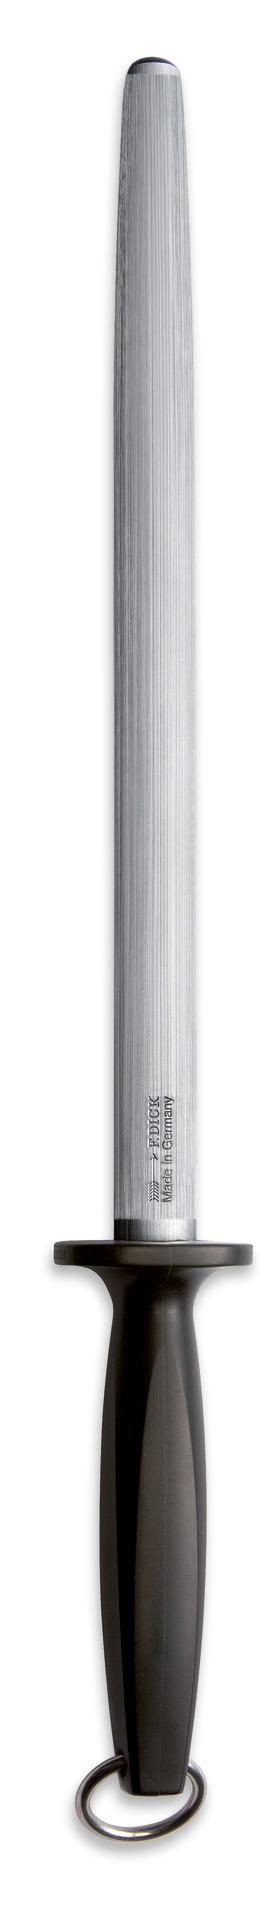 Fleischerwetzstahl oval Klingenlänge 300 mm Standardzug